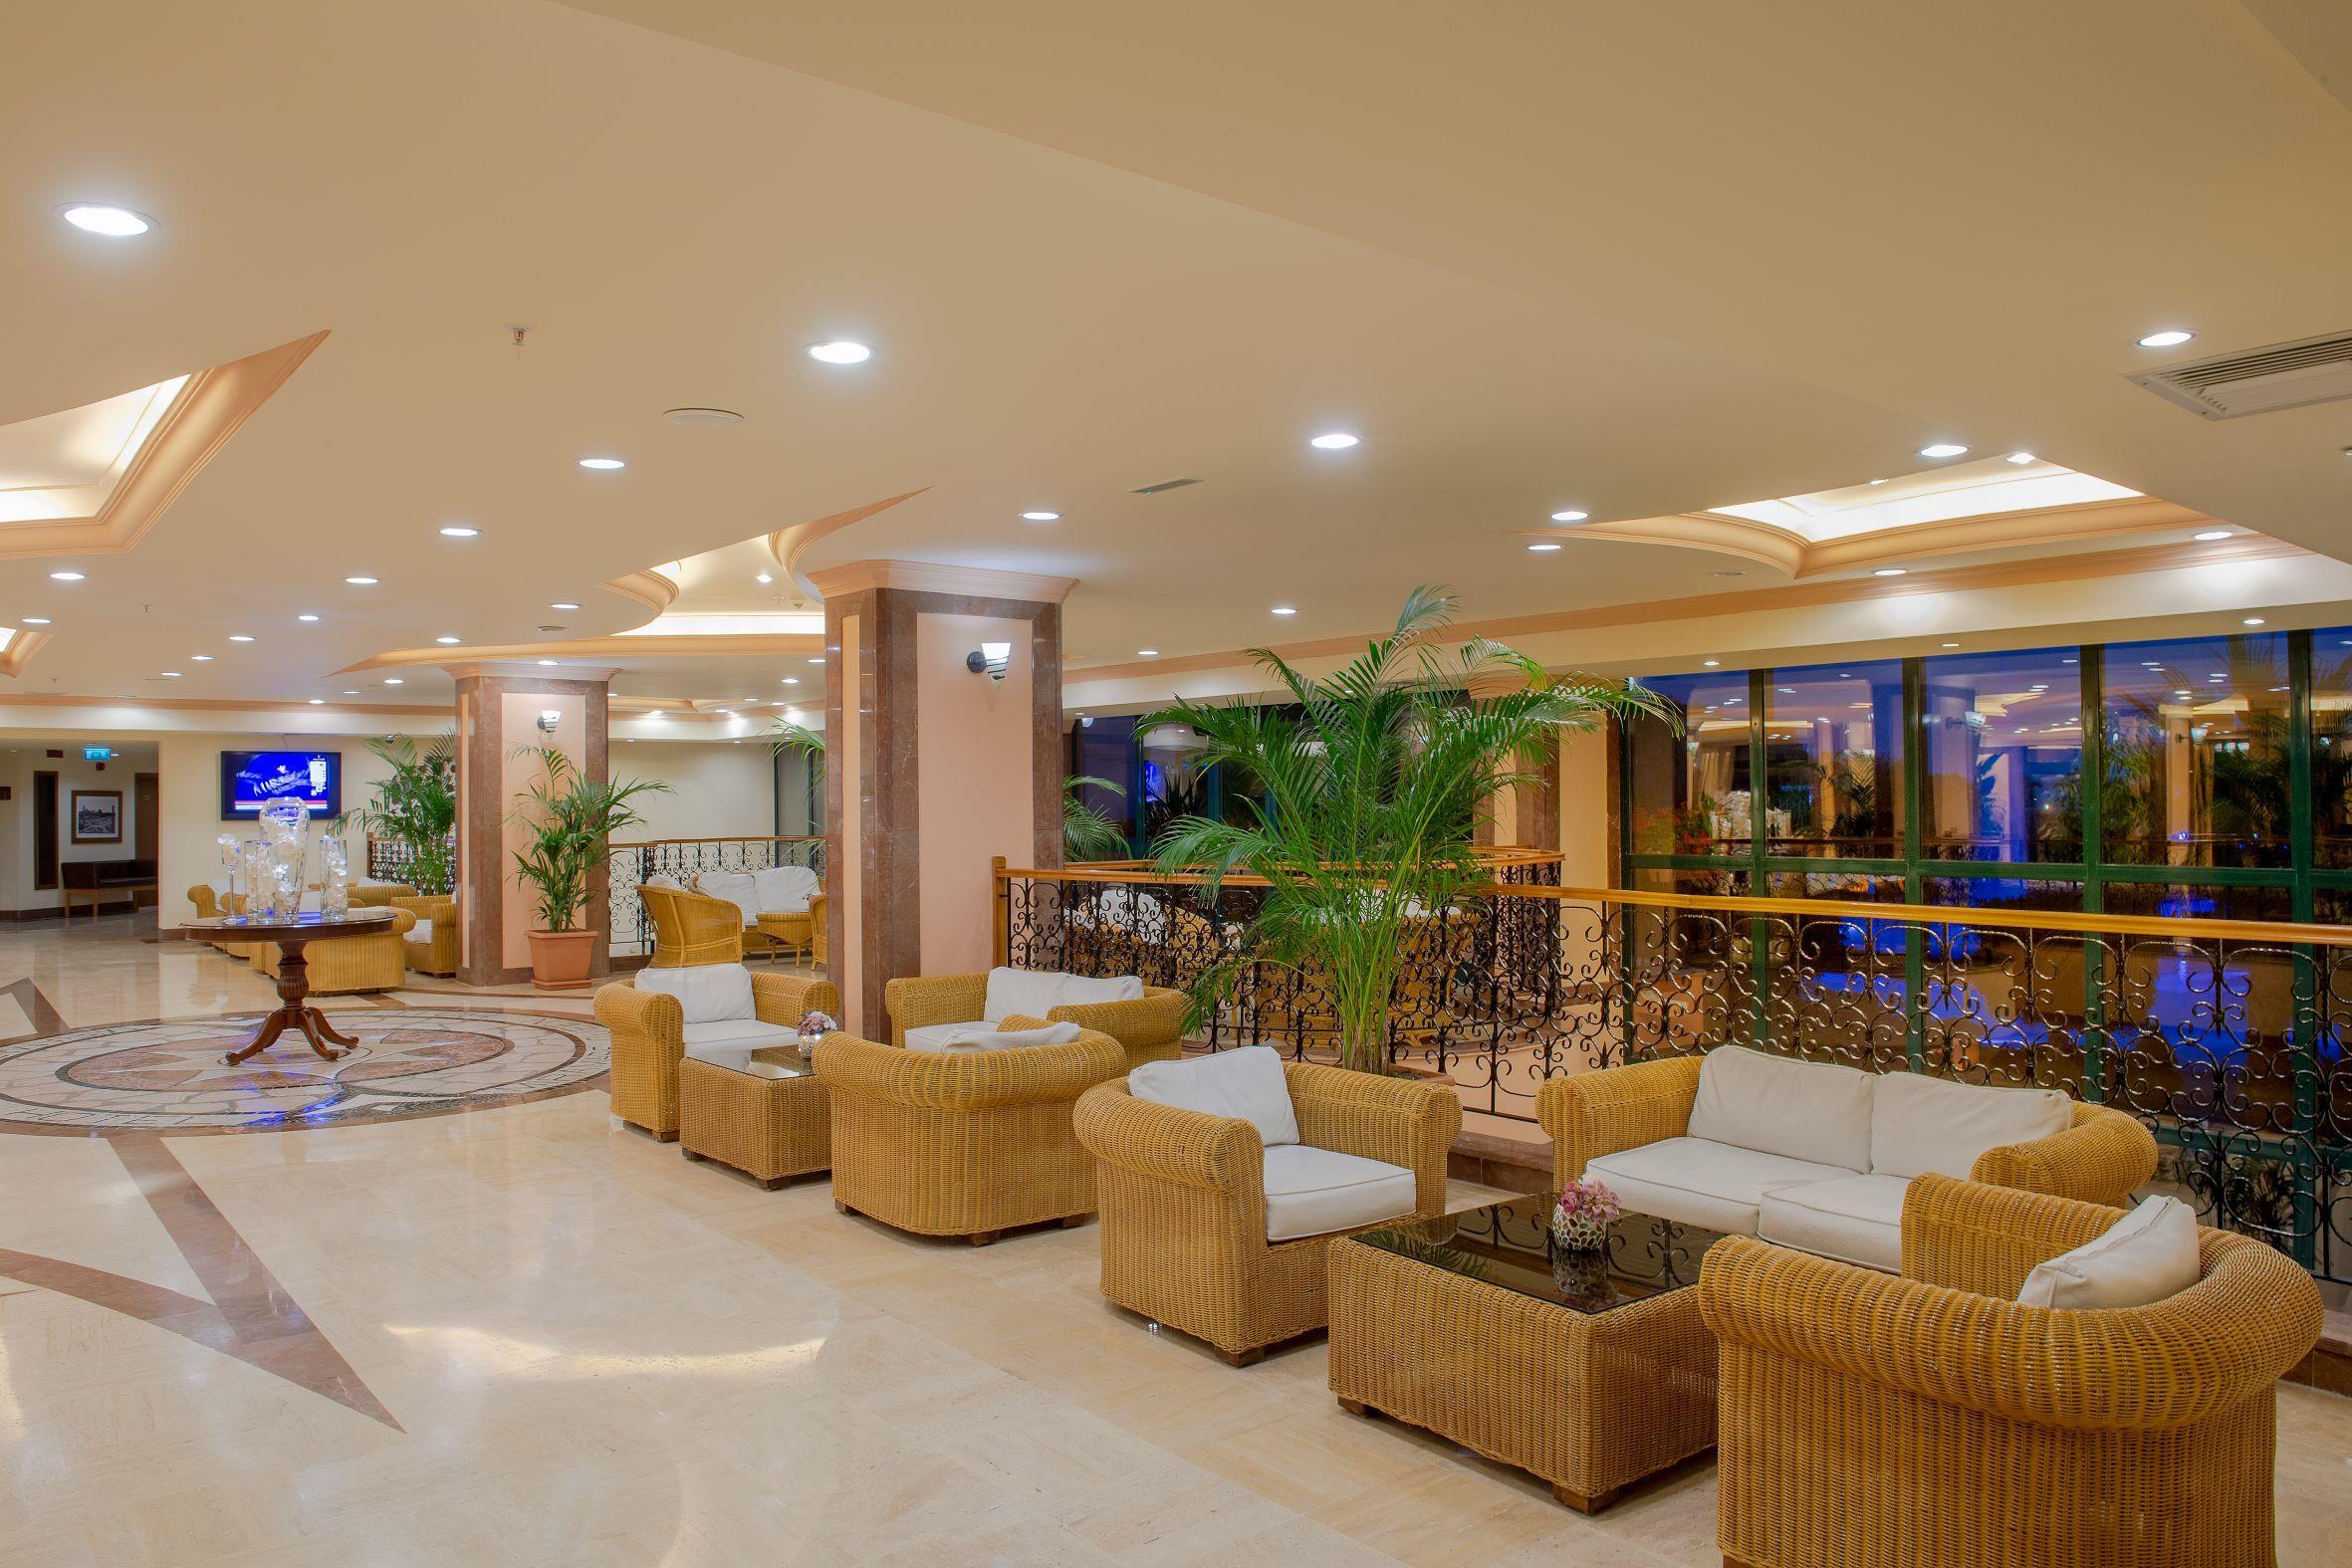 http://www.orextravel.sk/OREX/hotelphotos/miramare-queen-hotel-general-0051.jpg